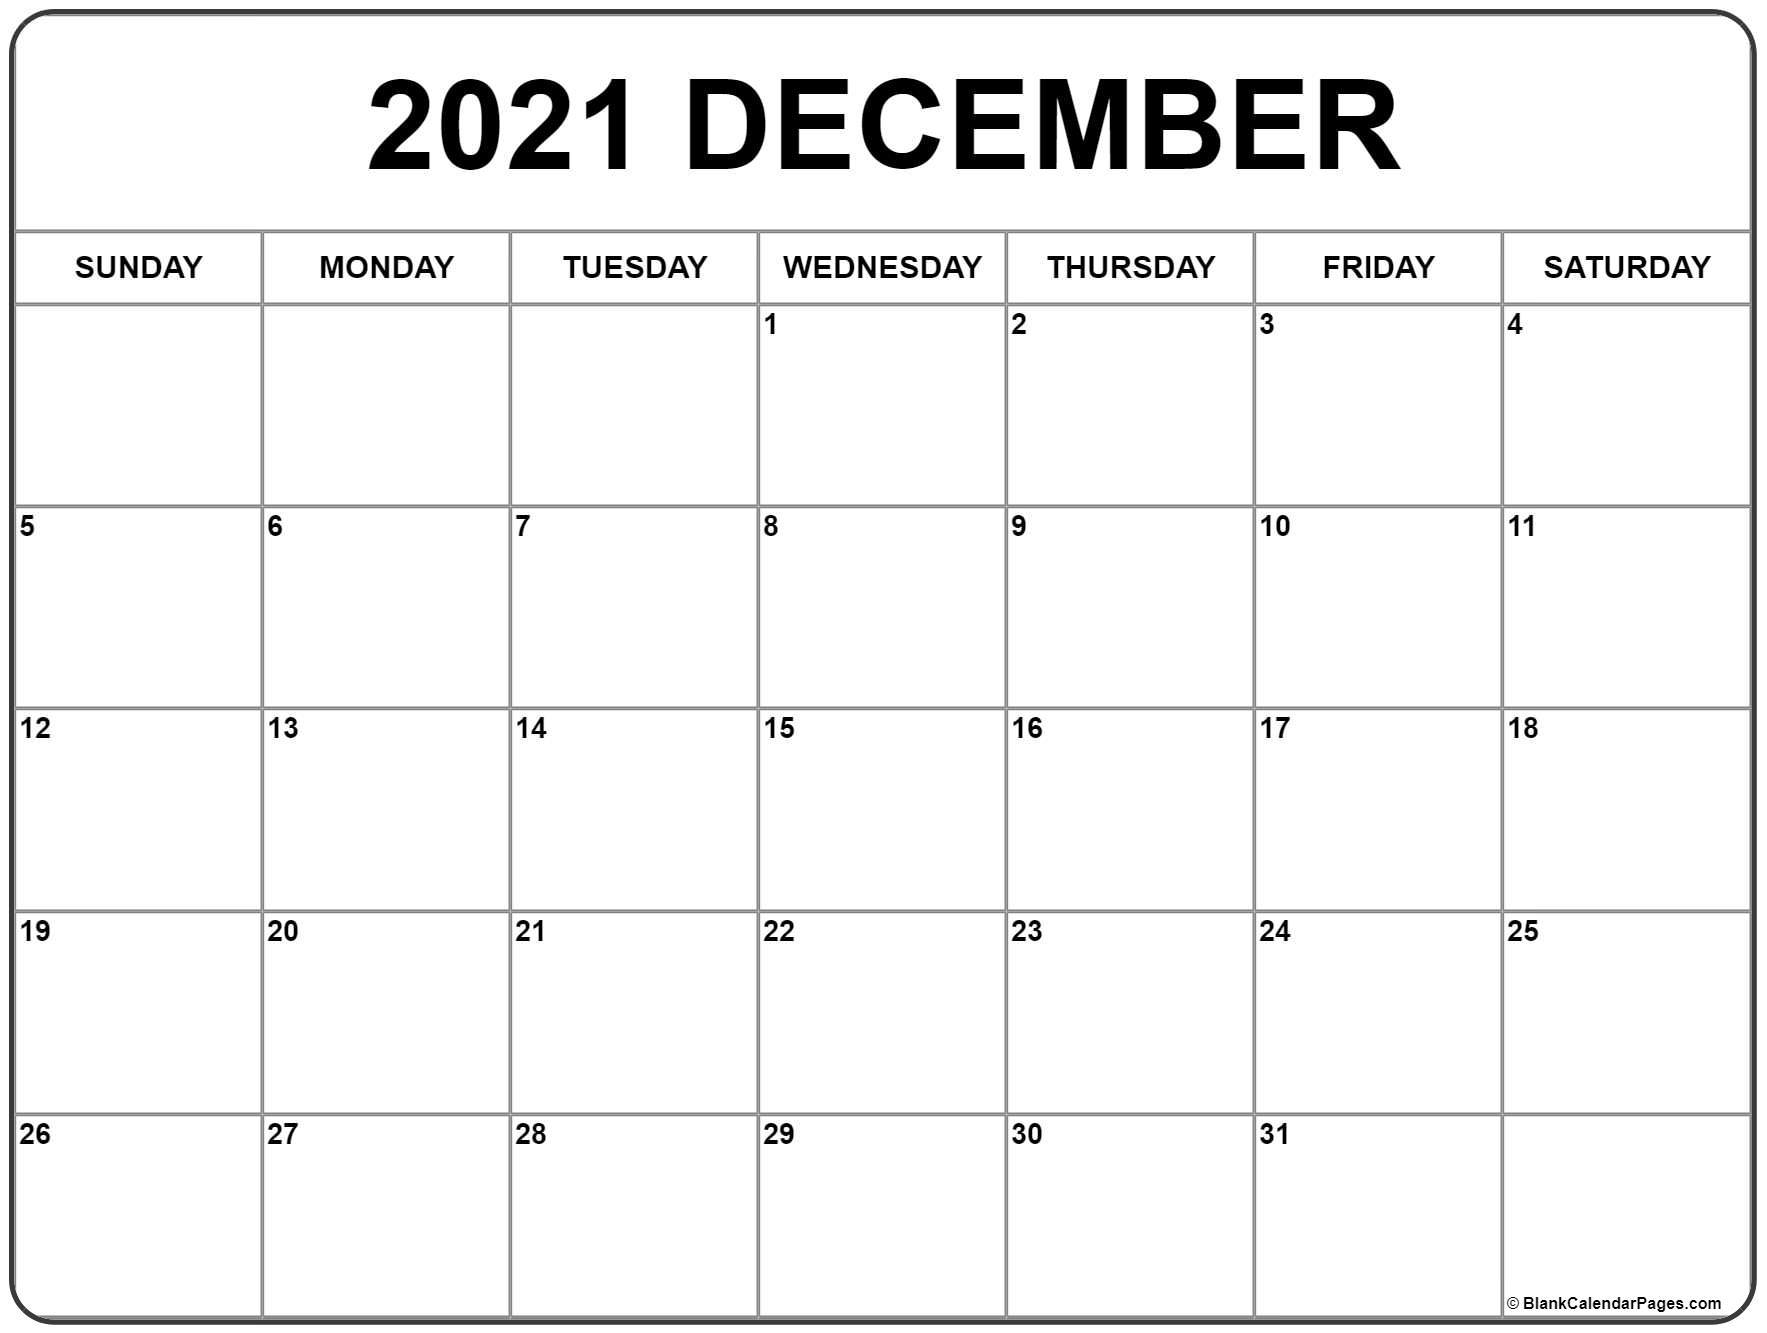 Get Weekend Calendar December 2021